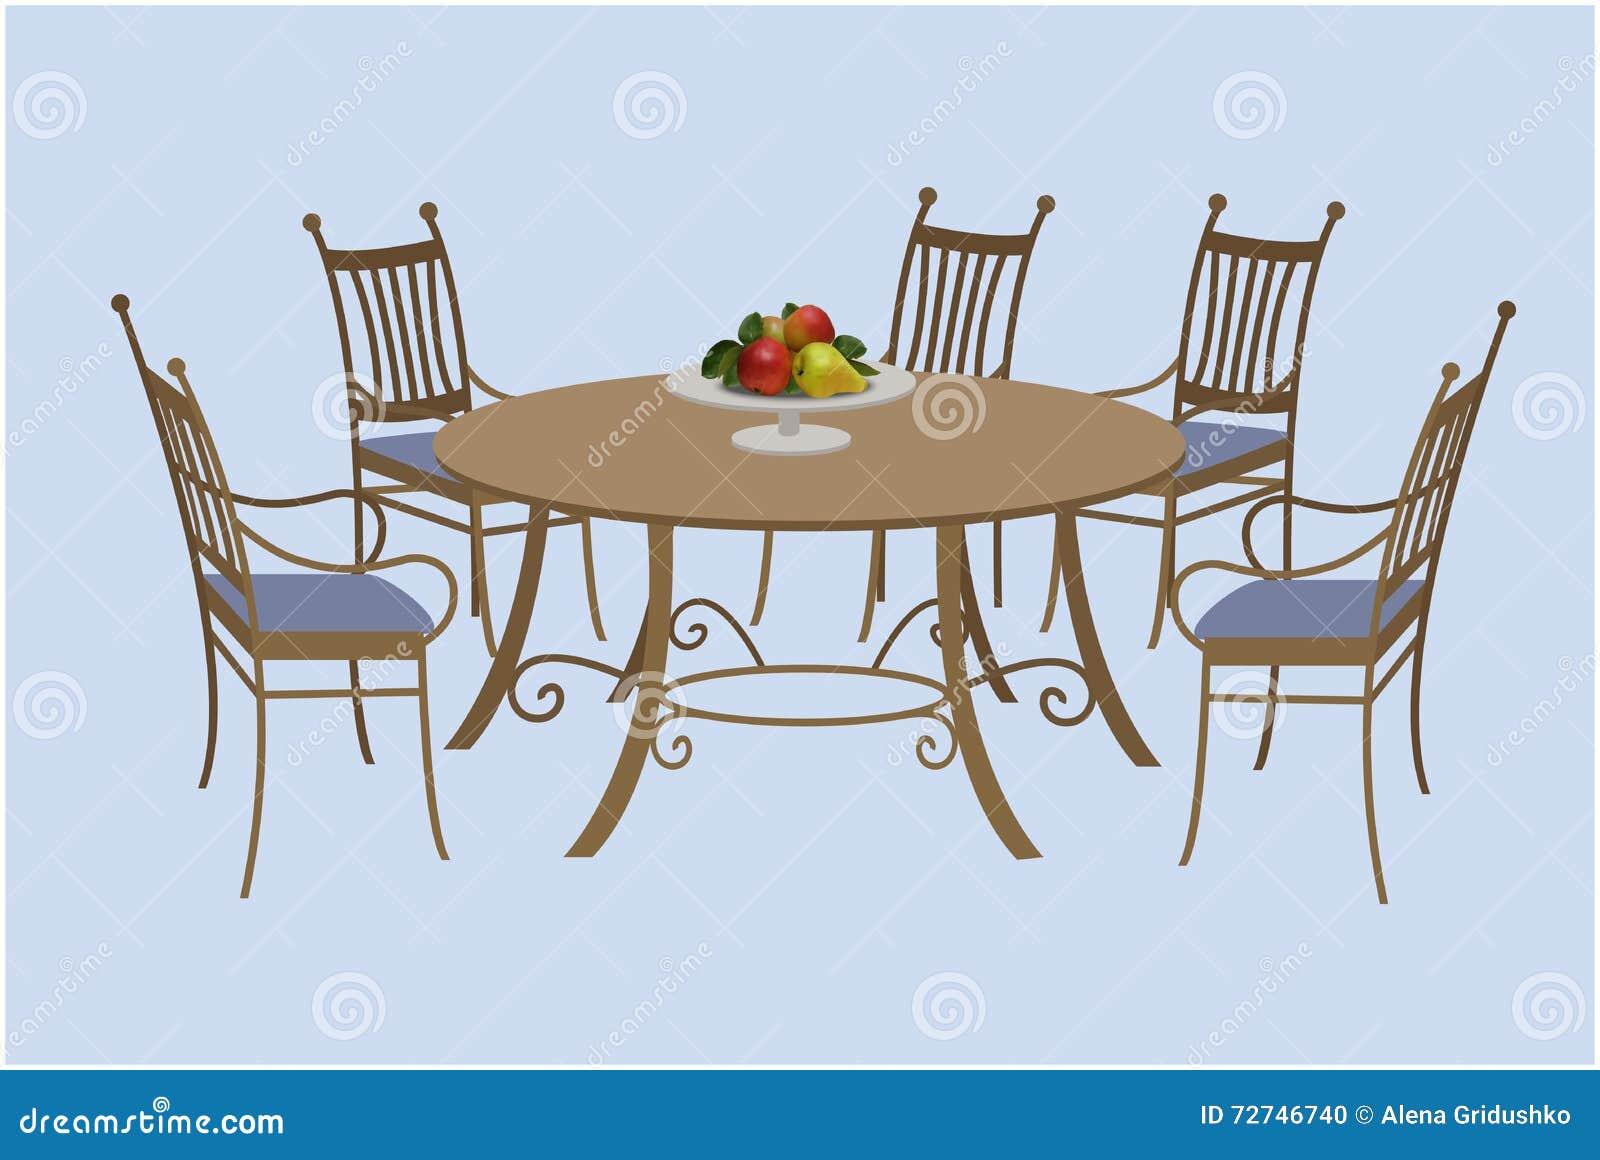 Ronde Tafel En Stoelen.Woonkamermeubilair Stoelen En Een Rondetafel Vector Illustratie